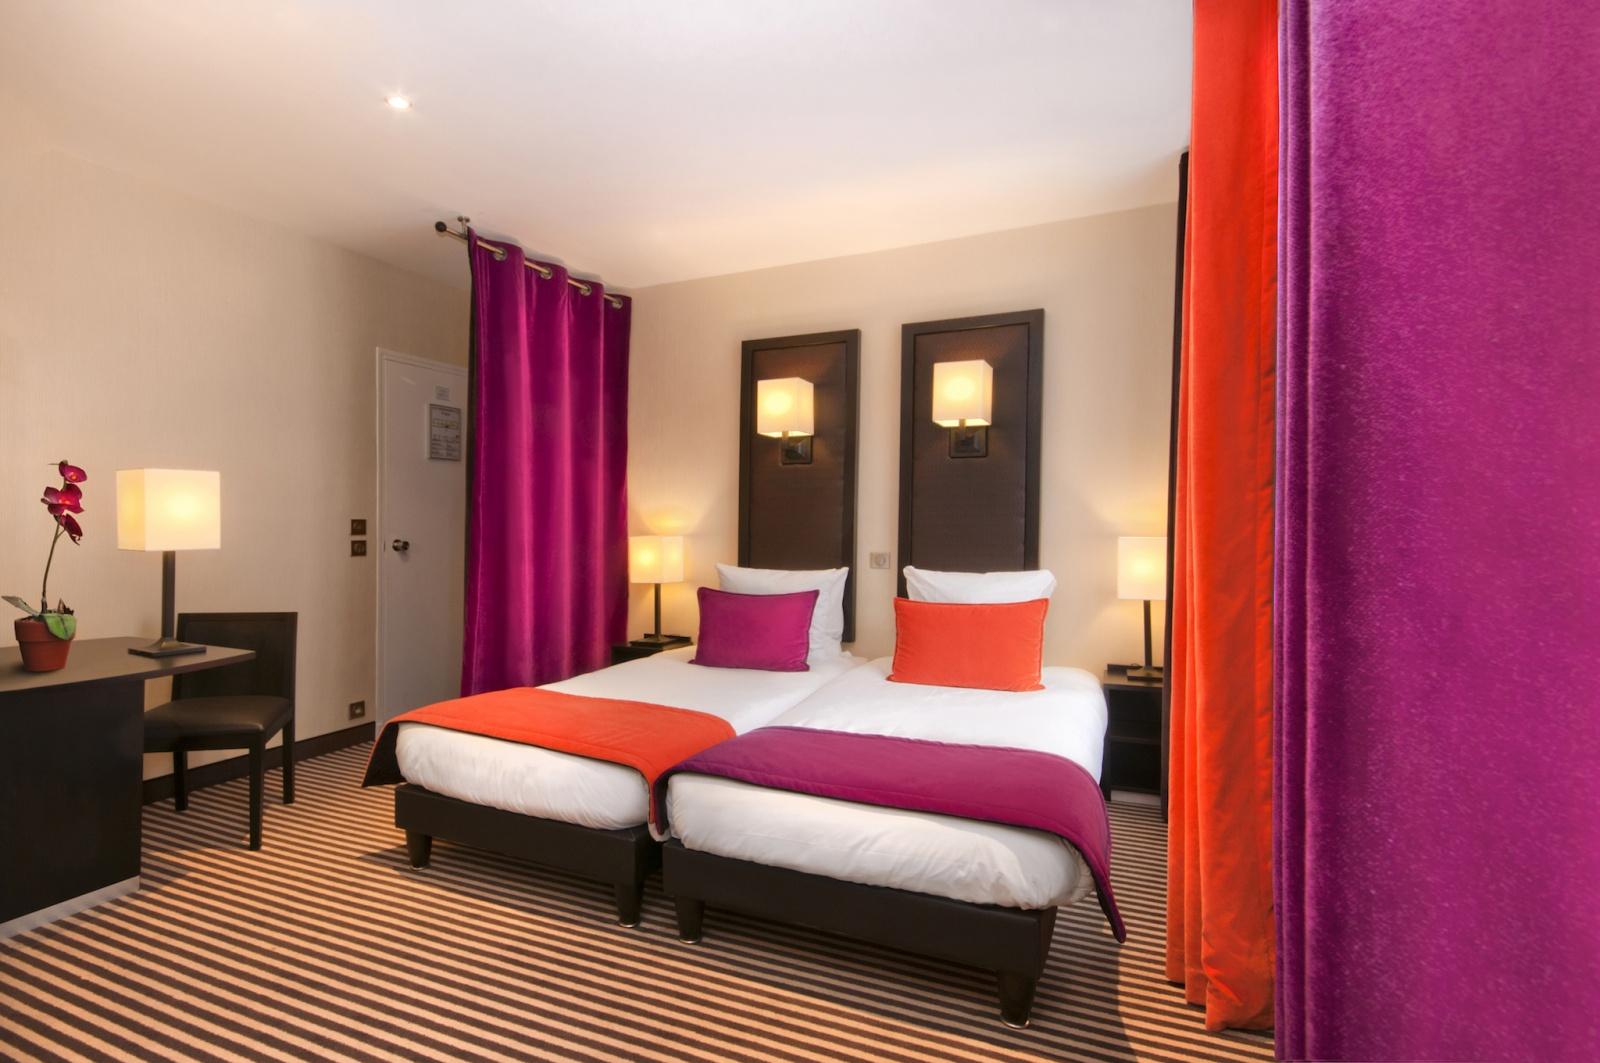 chambre double ou twin sup rieure 17m en moyenne h tel pax op ra paris. Black Bedroom Furniture Sets. Home Design Ideas